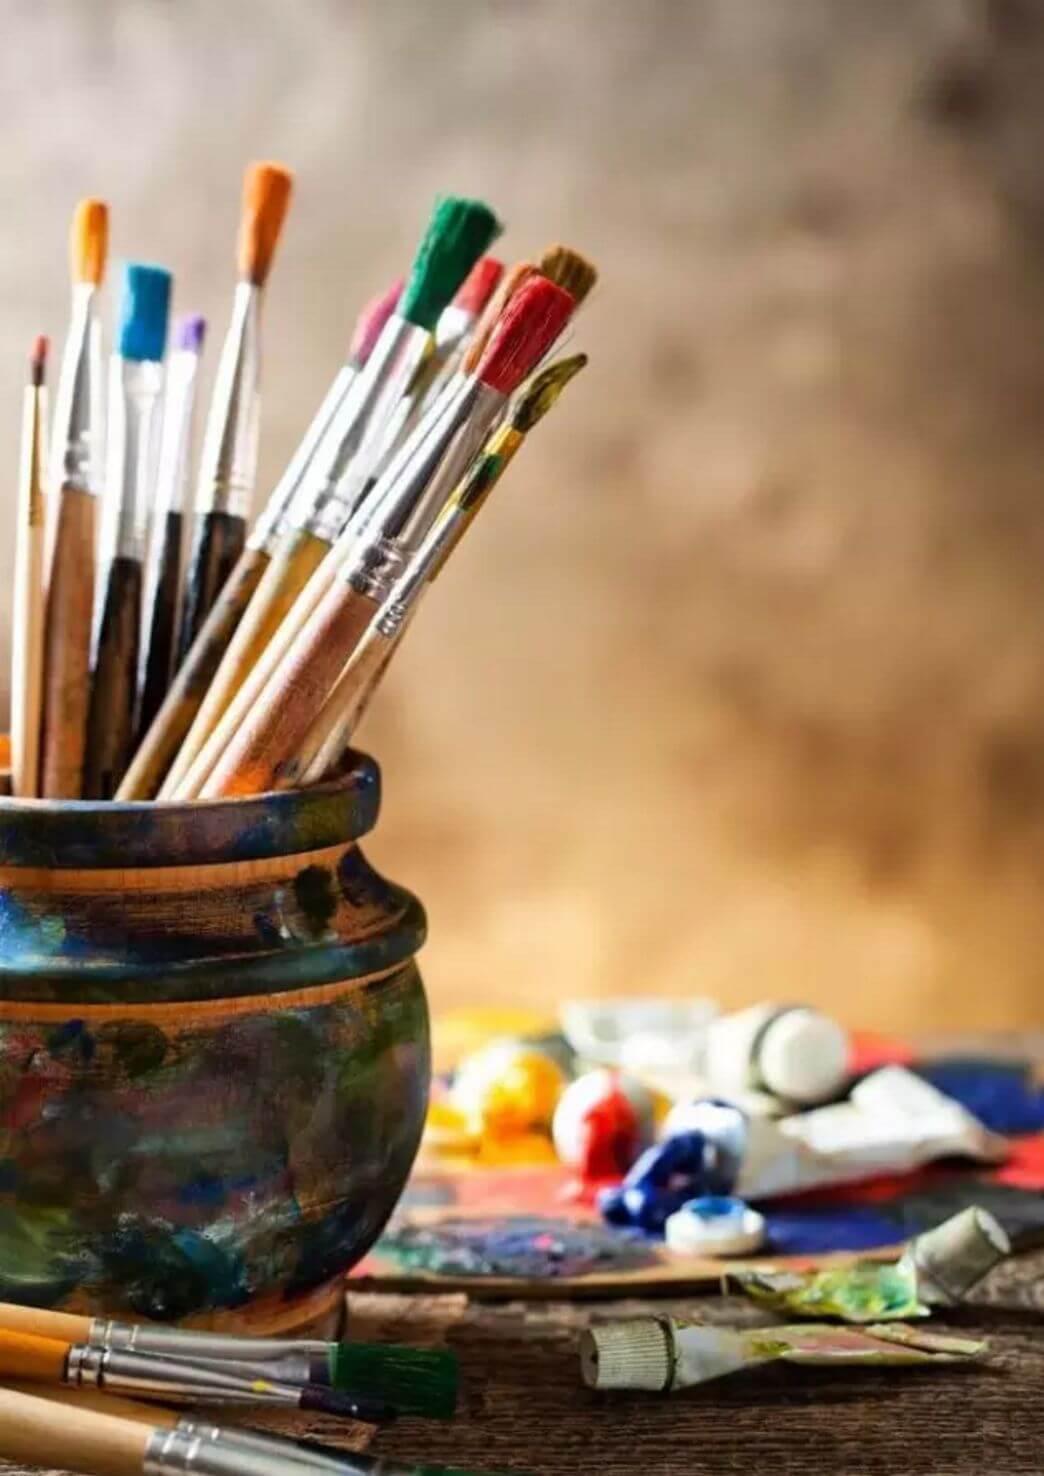 各位,还记得曾经你为何拿起画笔吗?你有多久没画画了呢?图二